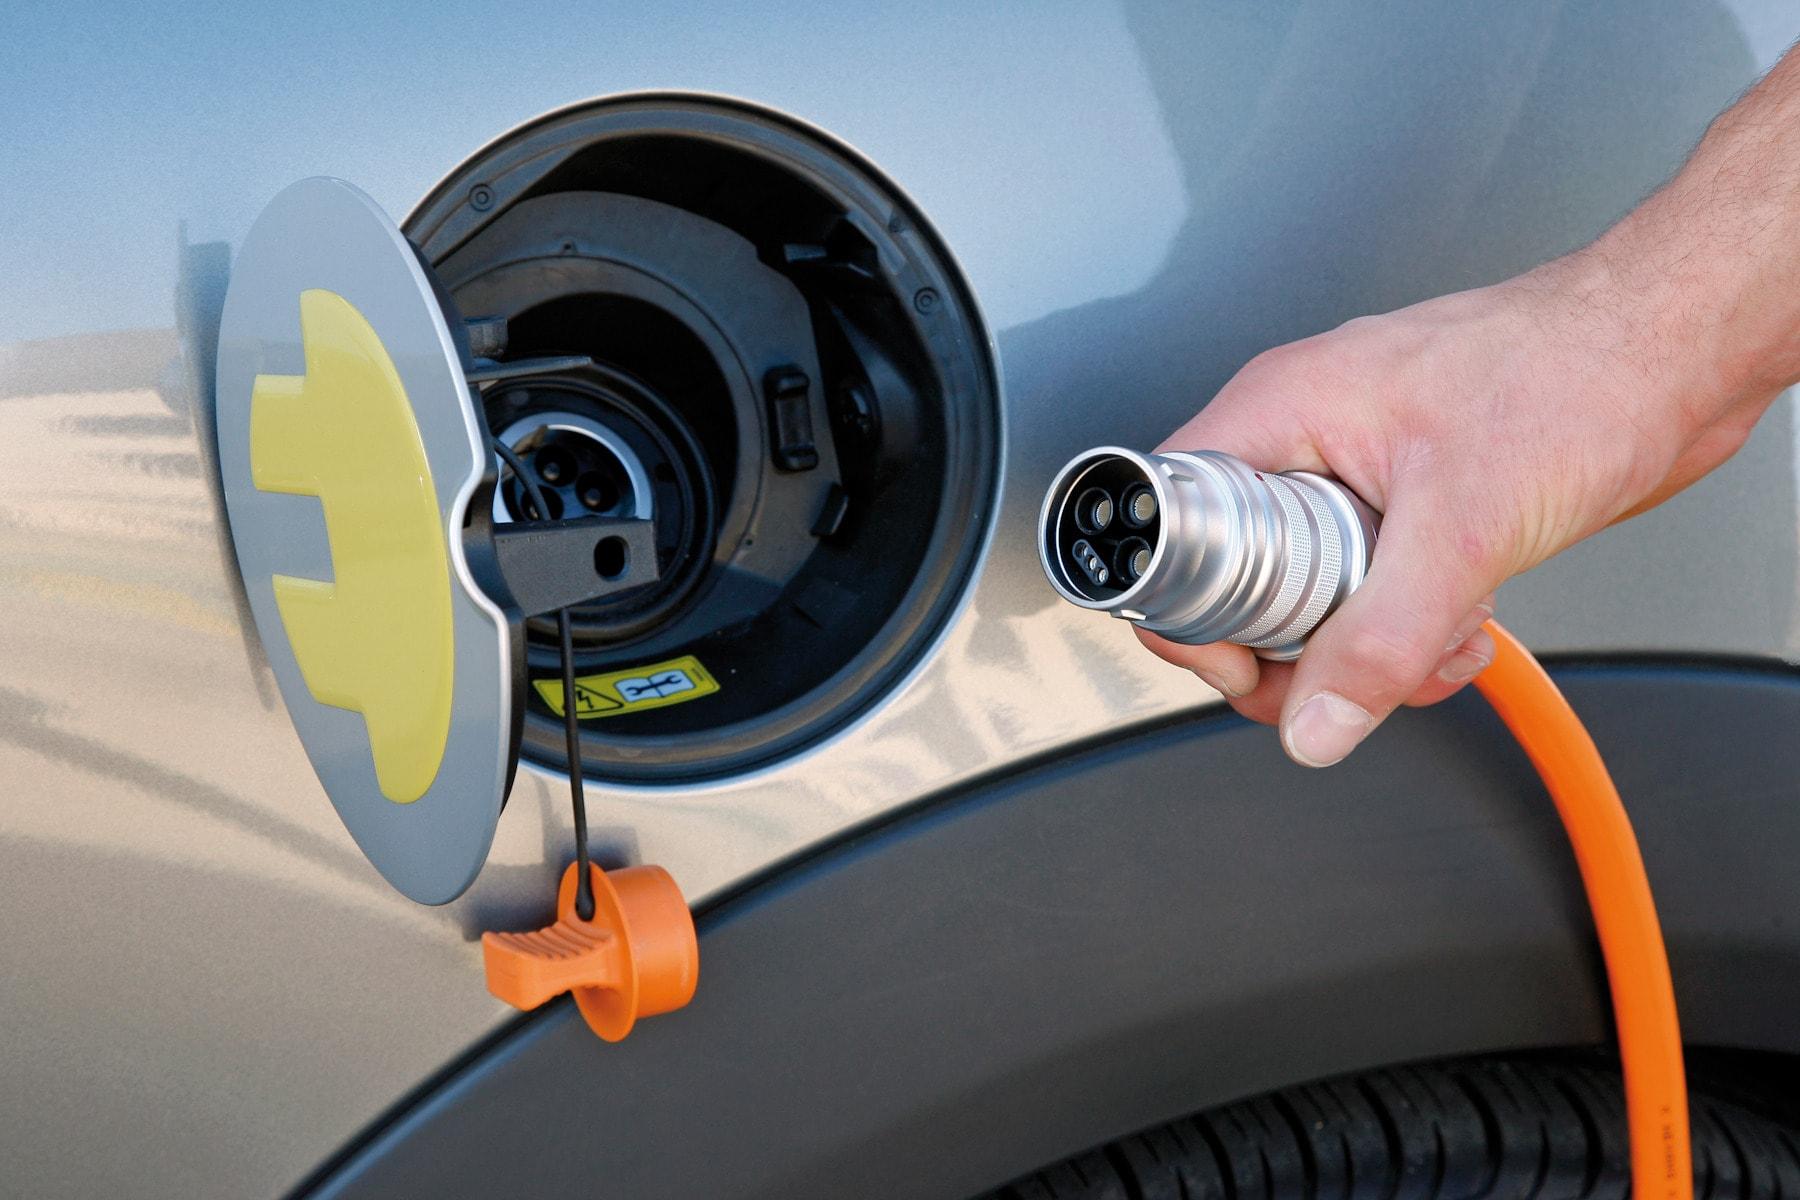 станции для зарядки электромобилей, зарядный пункт, электрокар, электромобиль, автоконцерн